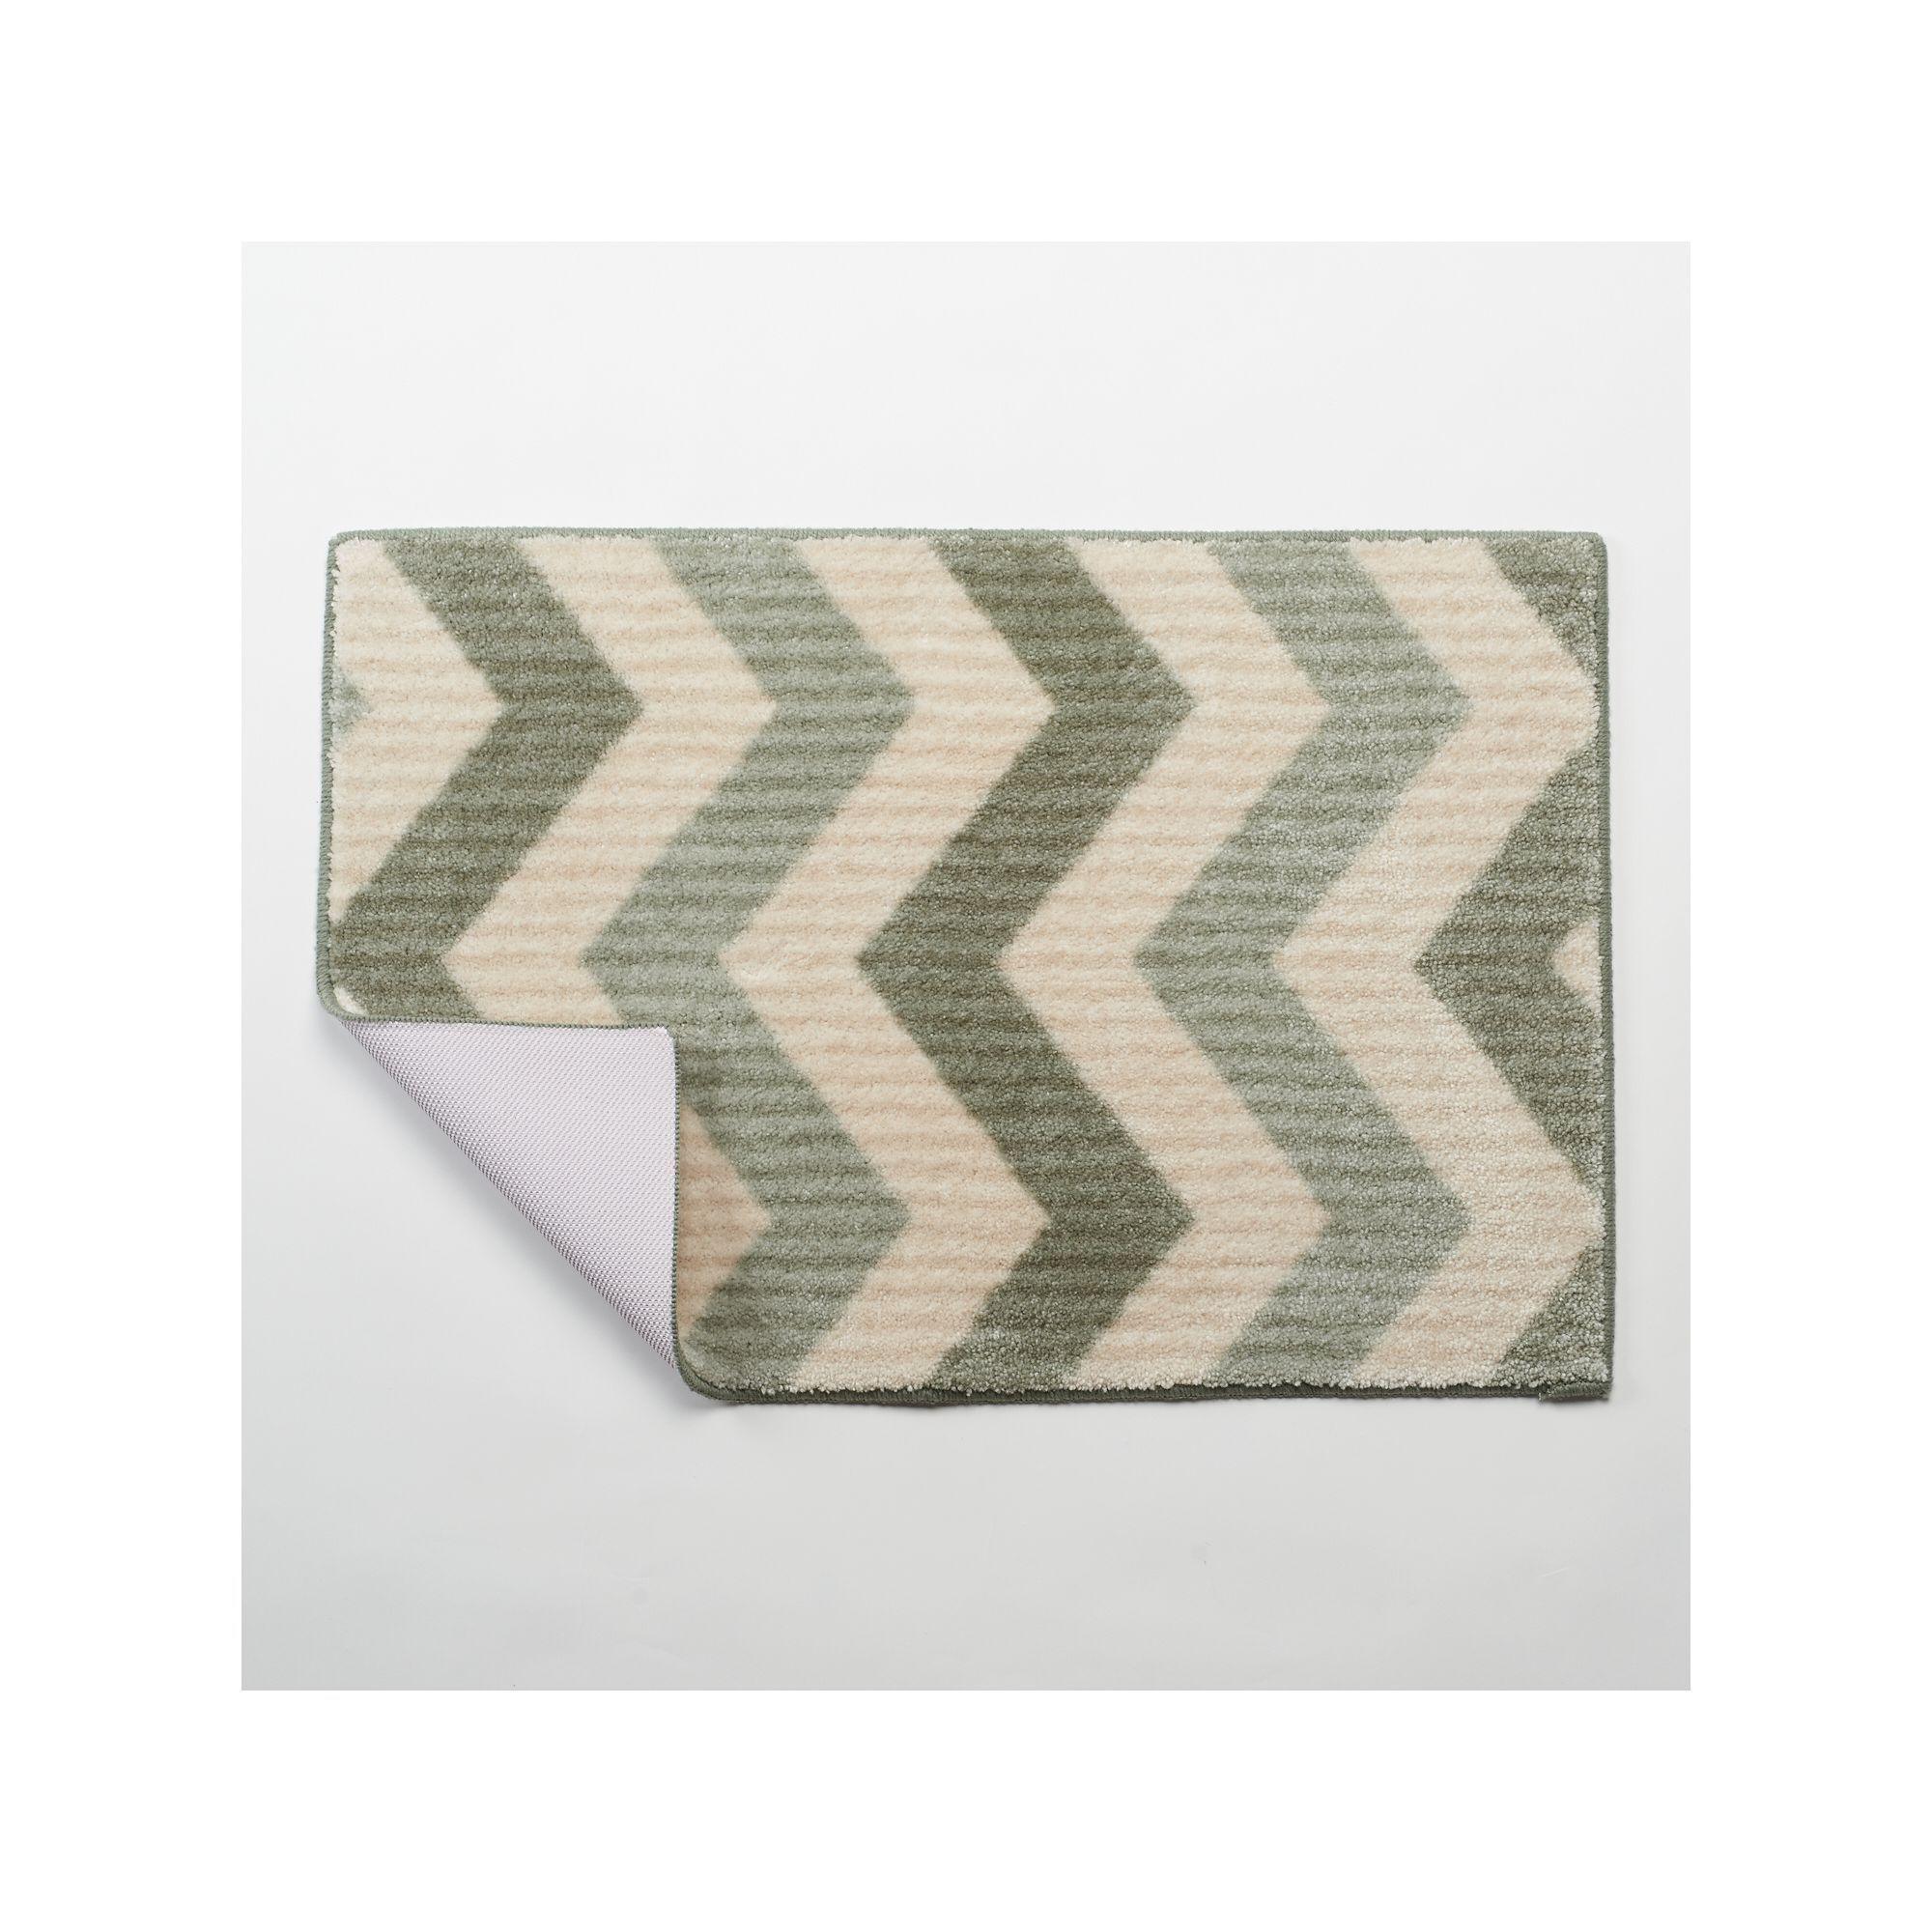 maples rugs layla chevron bath rug - 20'' x 30'', green | 20